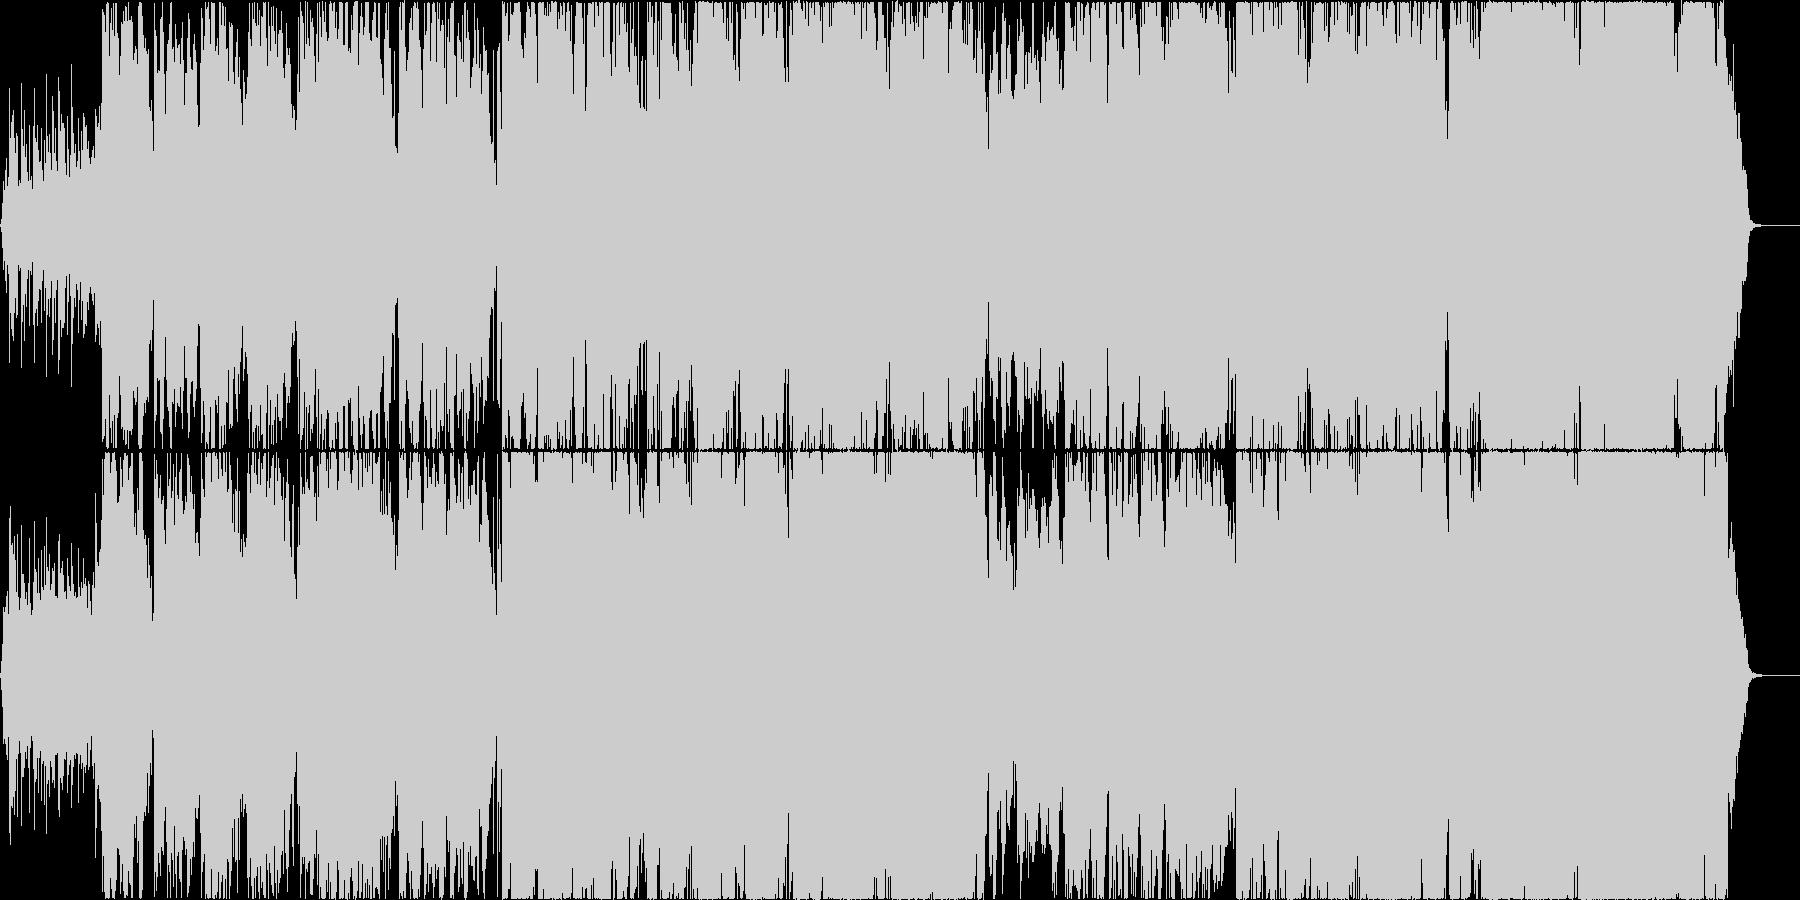 清涼感と幻想的な二胡楽曲の未再生の波形